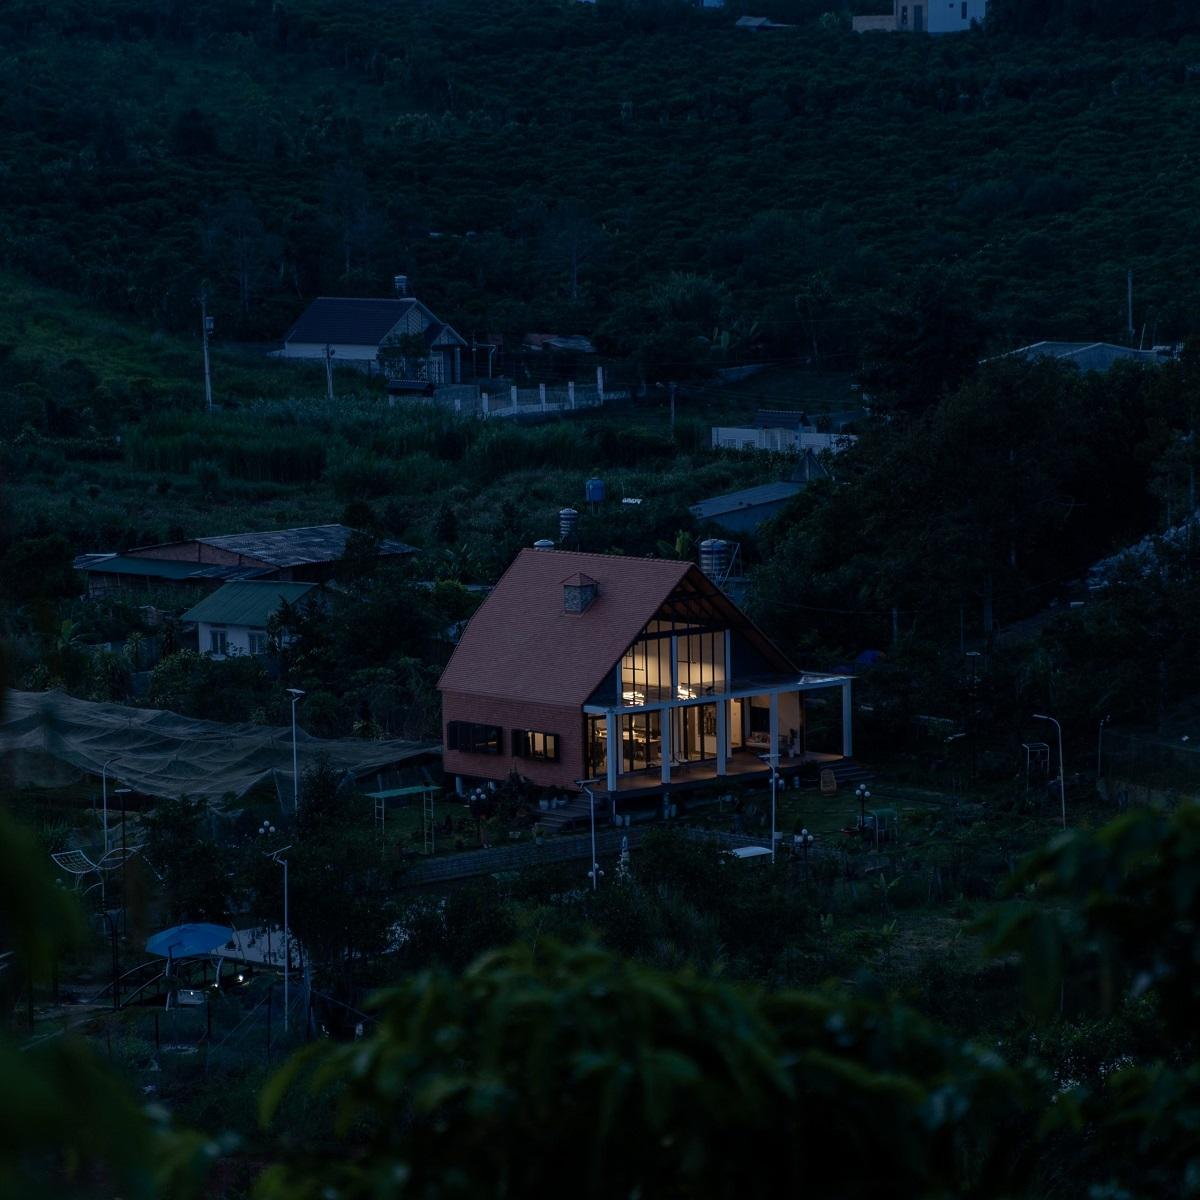 kienviet xuan anh house tan huong khong gian yen binh garchitects 19 1 - Nhà Xuân Anh - Tìm về chốn yên bình